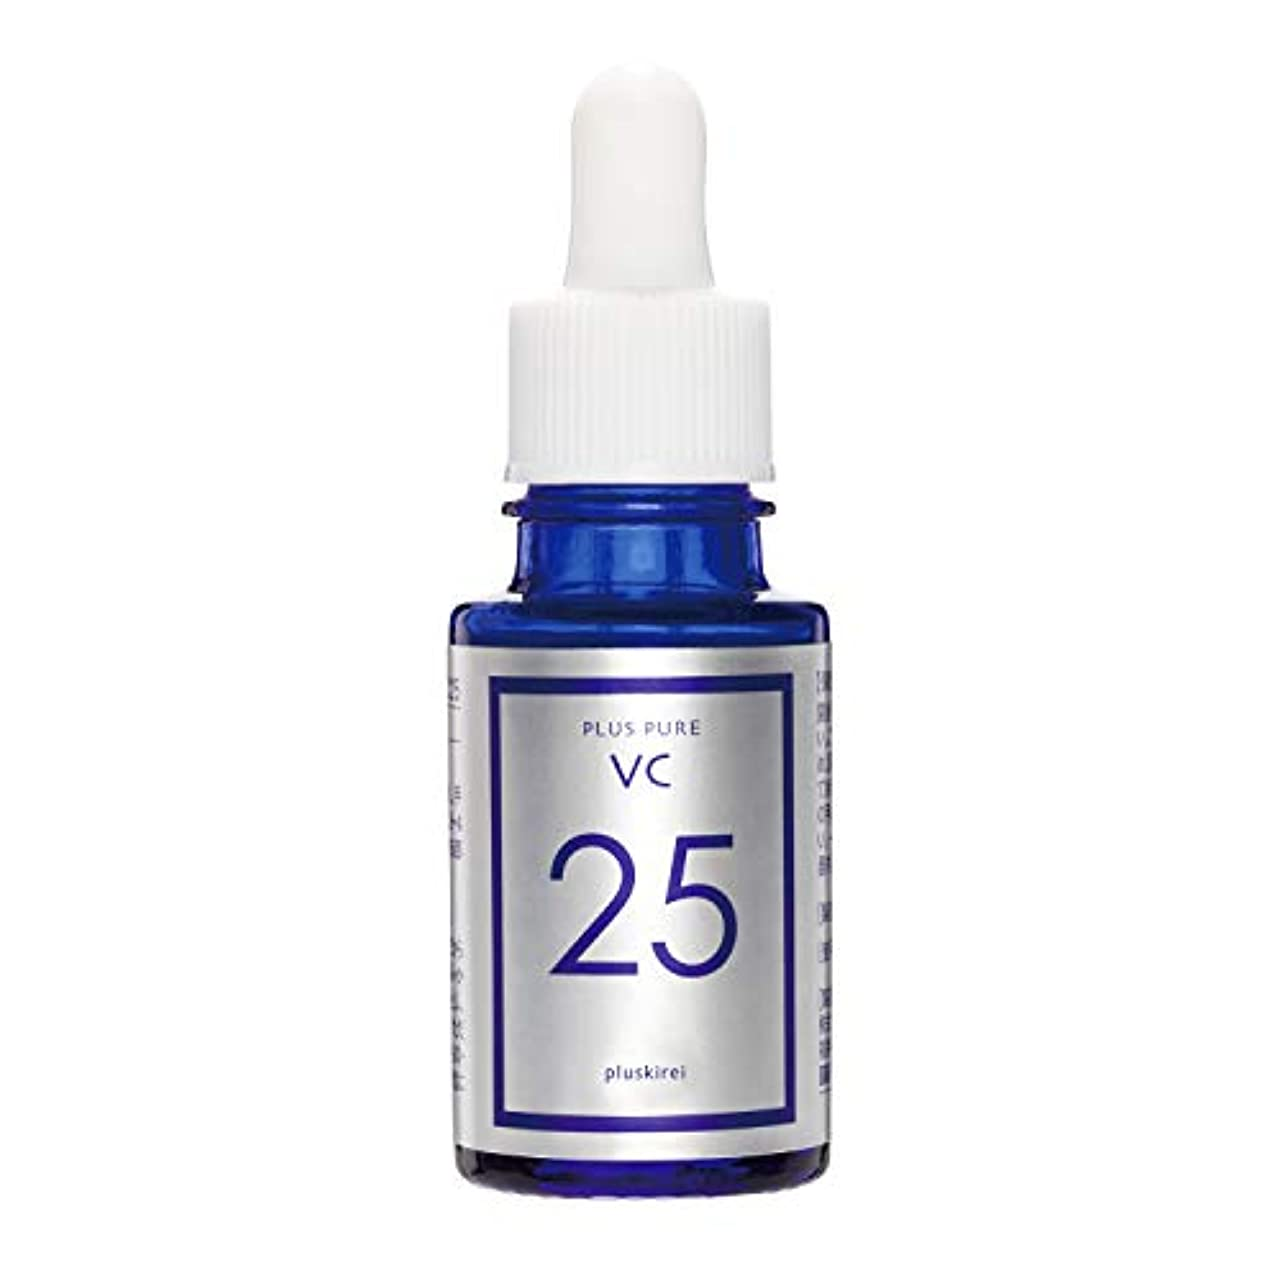 手順レンド既にビタミンC 美容液 プラスキレイ プラスピュアVC25 ピュアビタミンC25%配合 両親媒性美容液 (10mL(約1ケ月分))